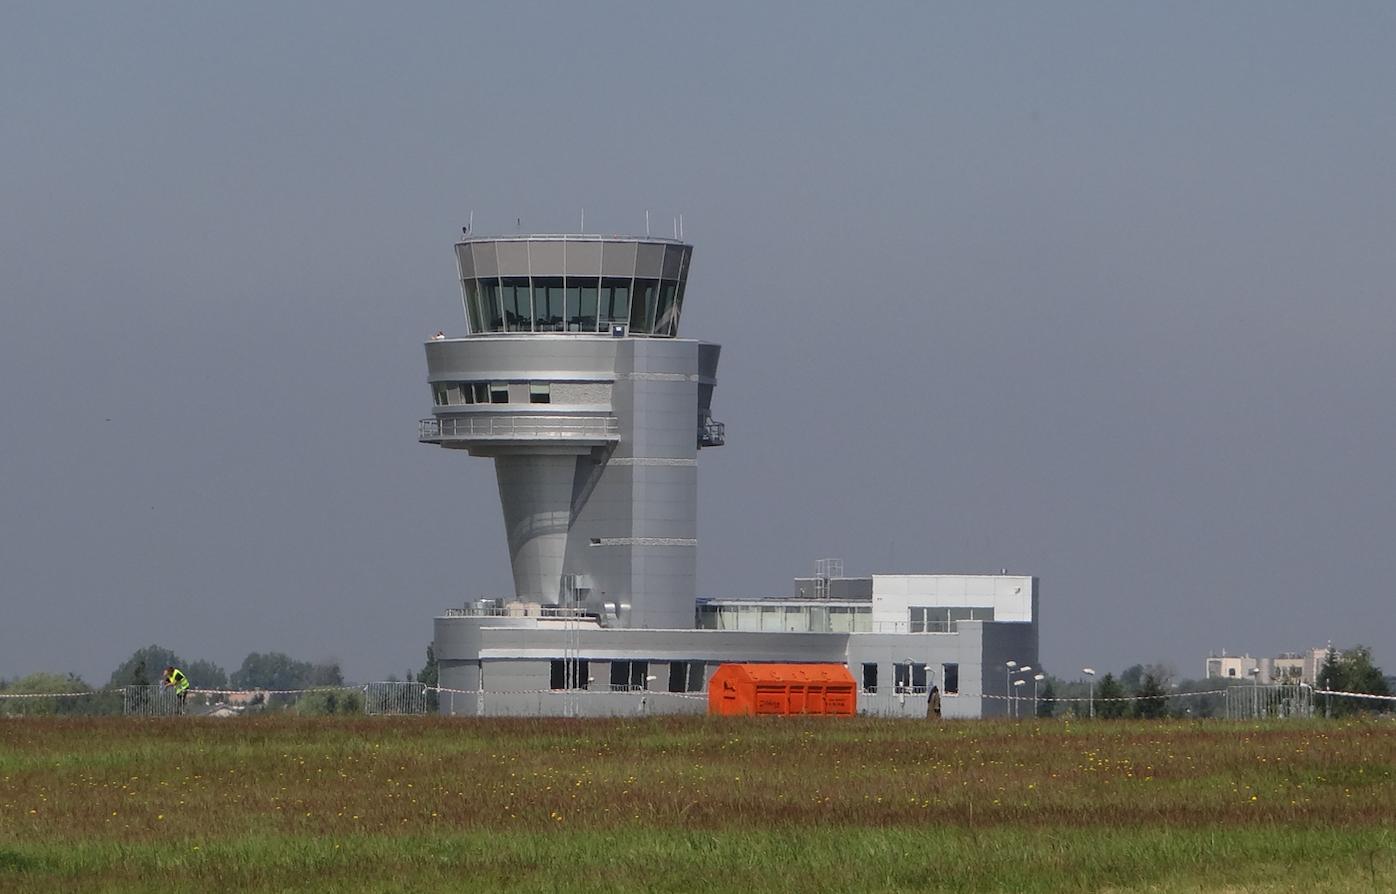 Wieża Kontroli Lotów. Lotnisko Ławica. 2015 rok. Zdjęcie Karol Placha Hetman